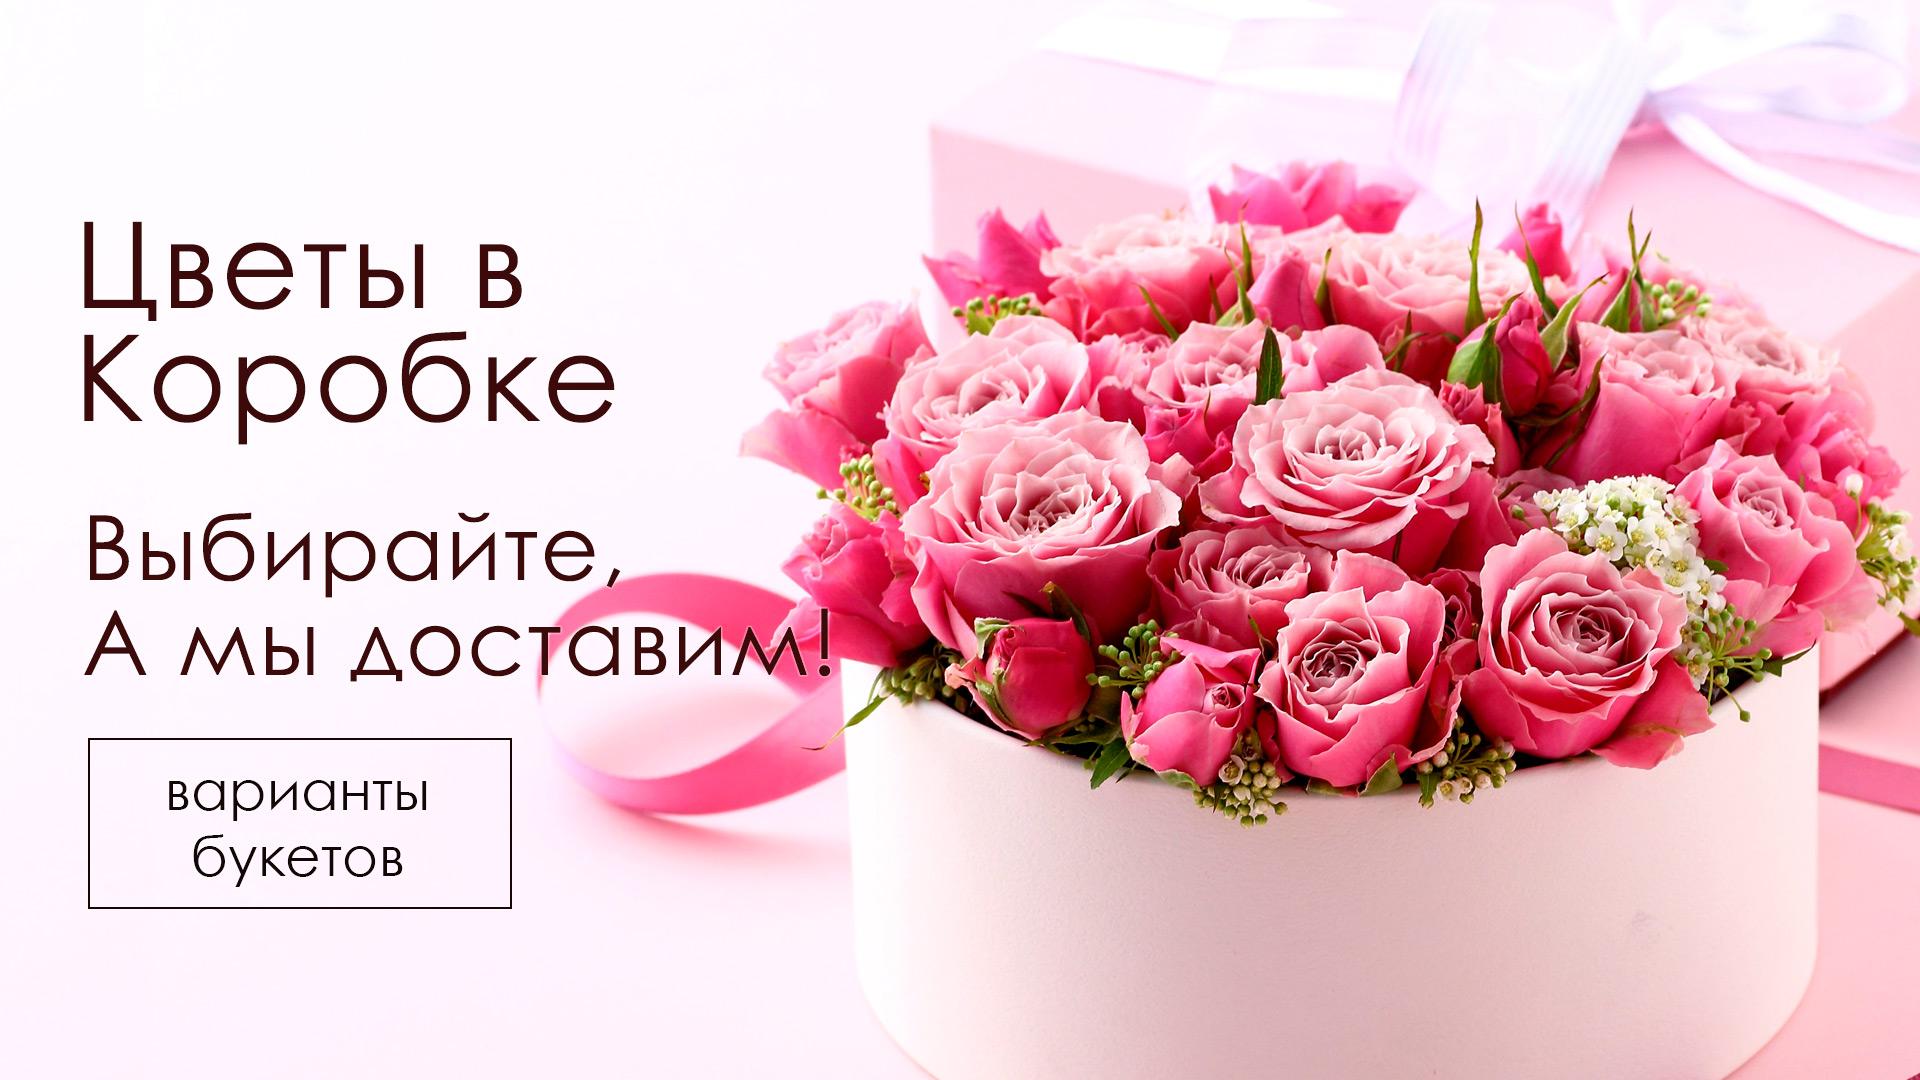 Цветы 24 часа в саратове, заказ цветов опт через интернет киев